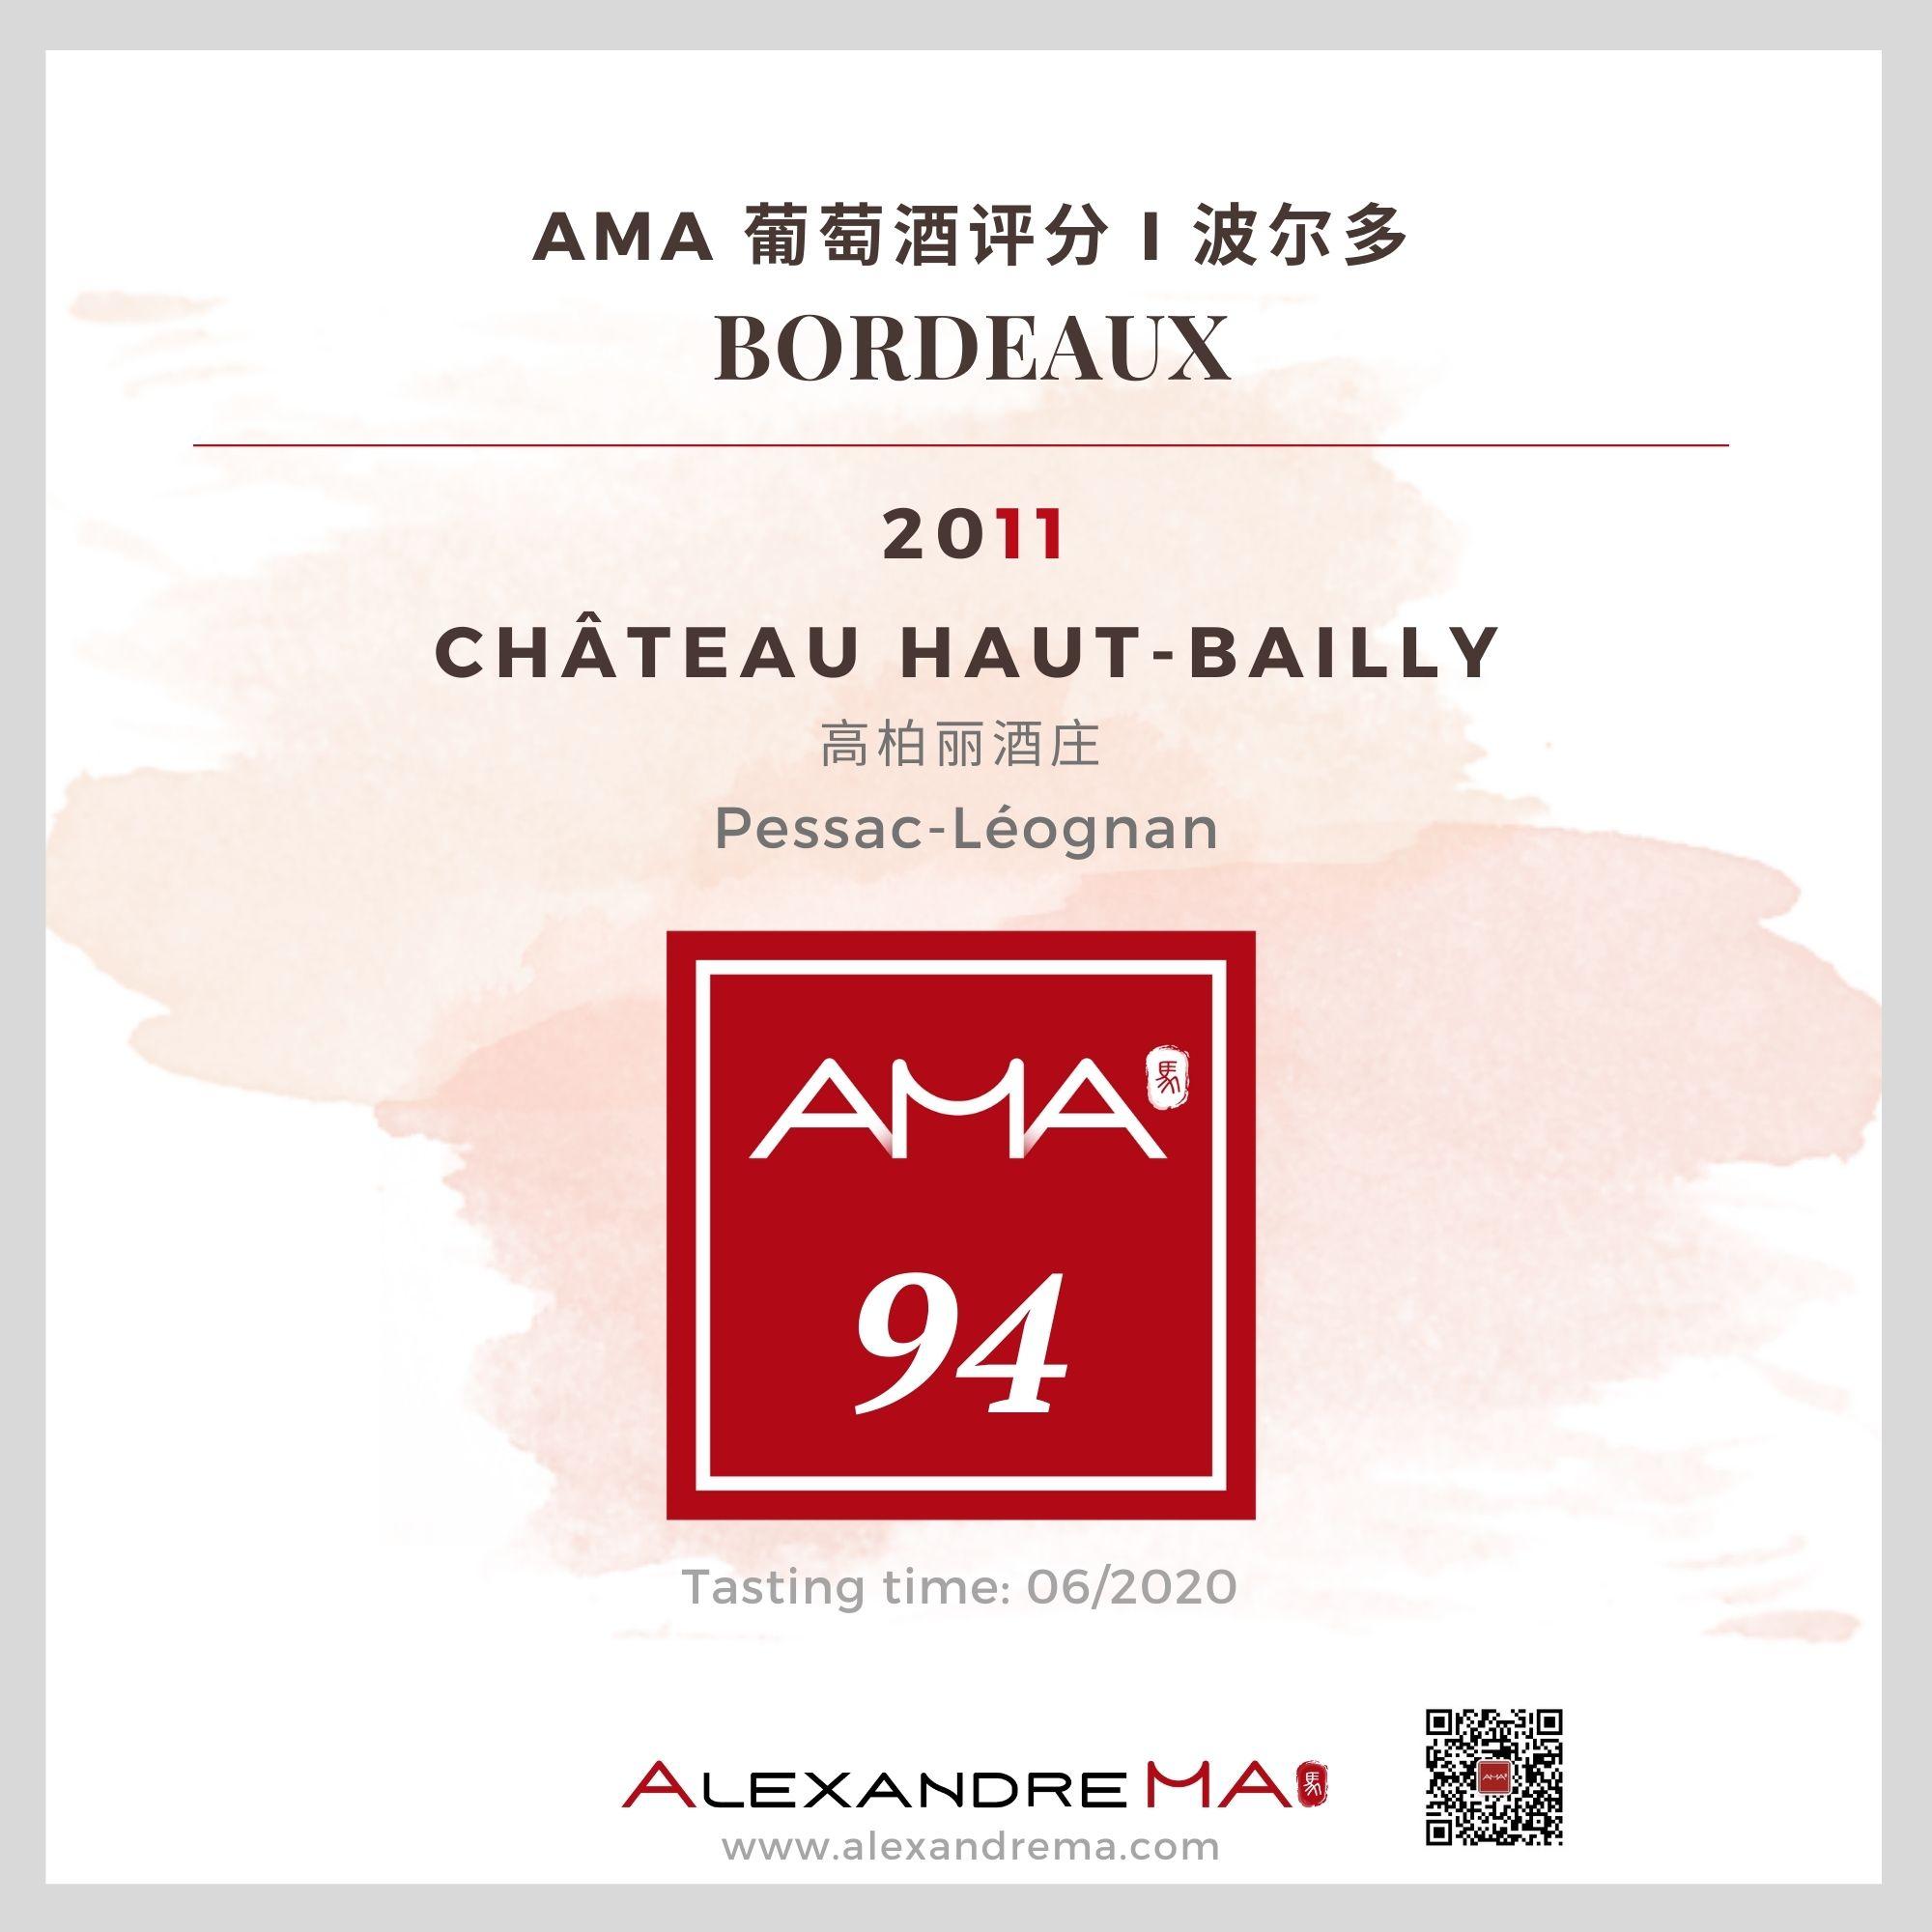 Château Haut-Bailly 2011 - Alexandre MA